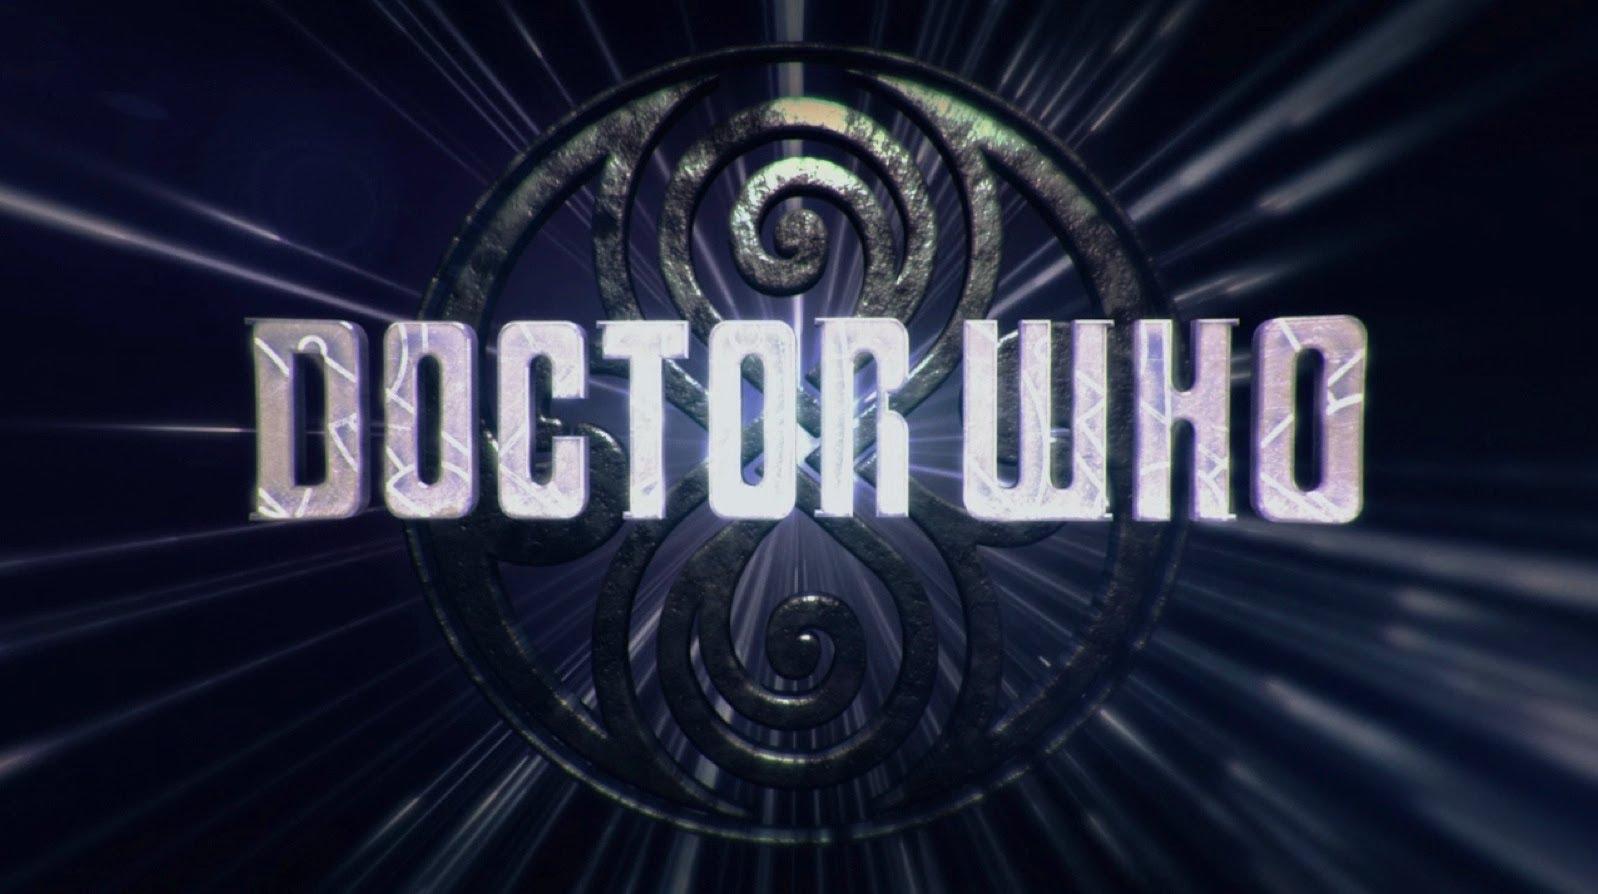 doctor who nochmal ein neues fanintro fur peter capaldi Doctor Who: Moffat fand dieses Fan Intro so gut, dass es jetzt das offizielle Intro wird